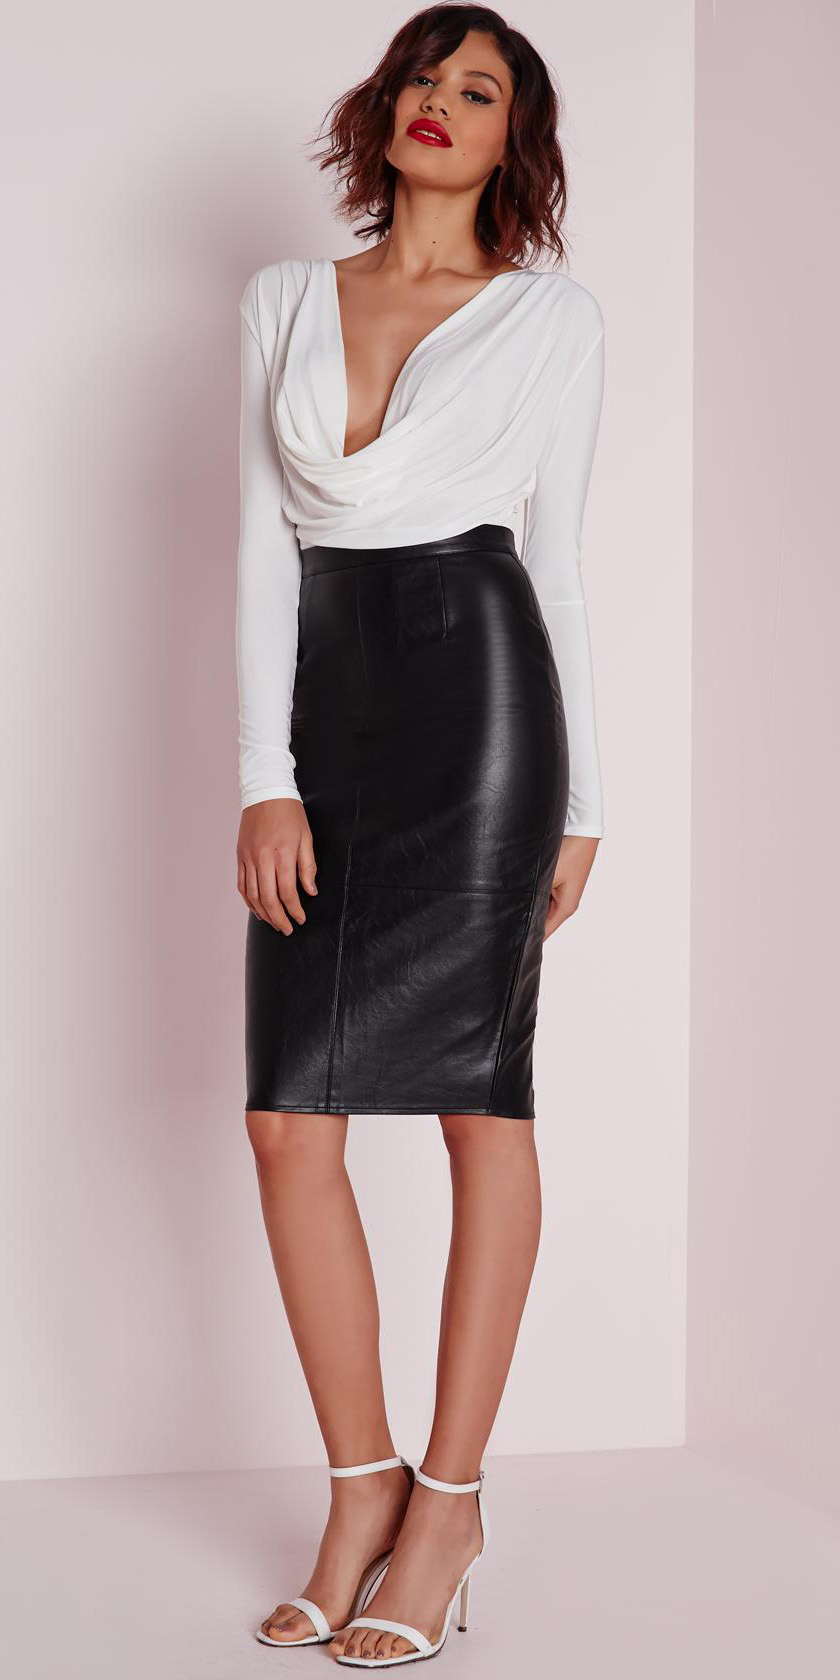 black-pencil-skirt-leather-white-top-white-shoe-sandalh-fall-winter-brun-dinner.jpg